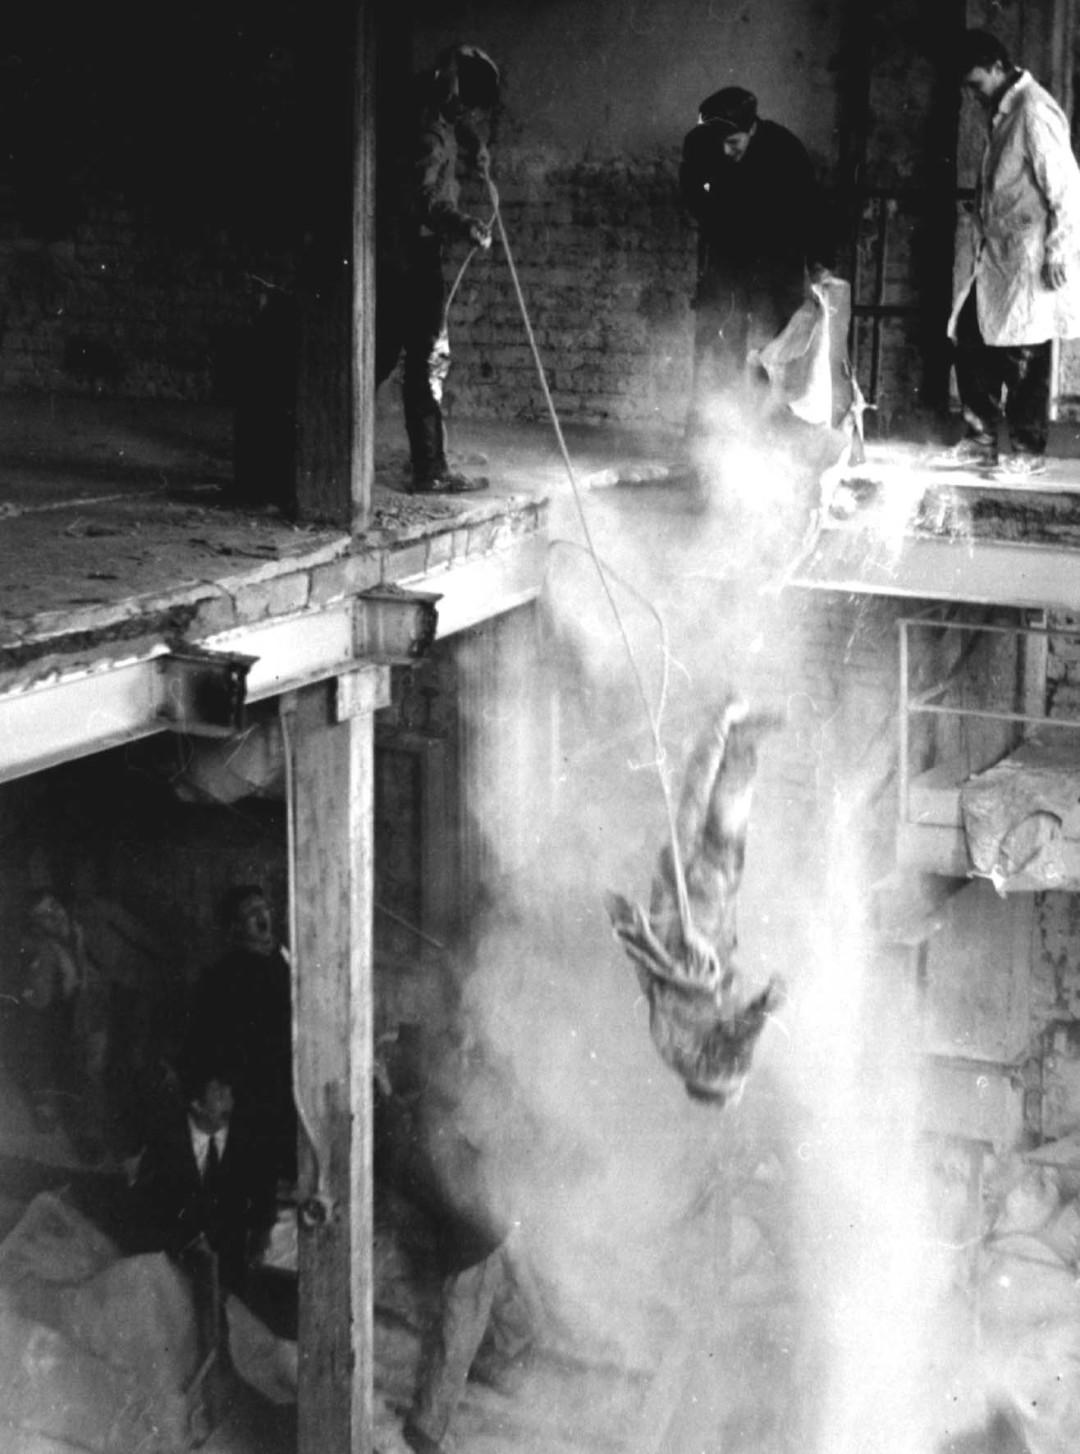 Евгений Юфит, Некрореалисты сбрасывают Зураба, Ленинград, 1983